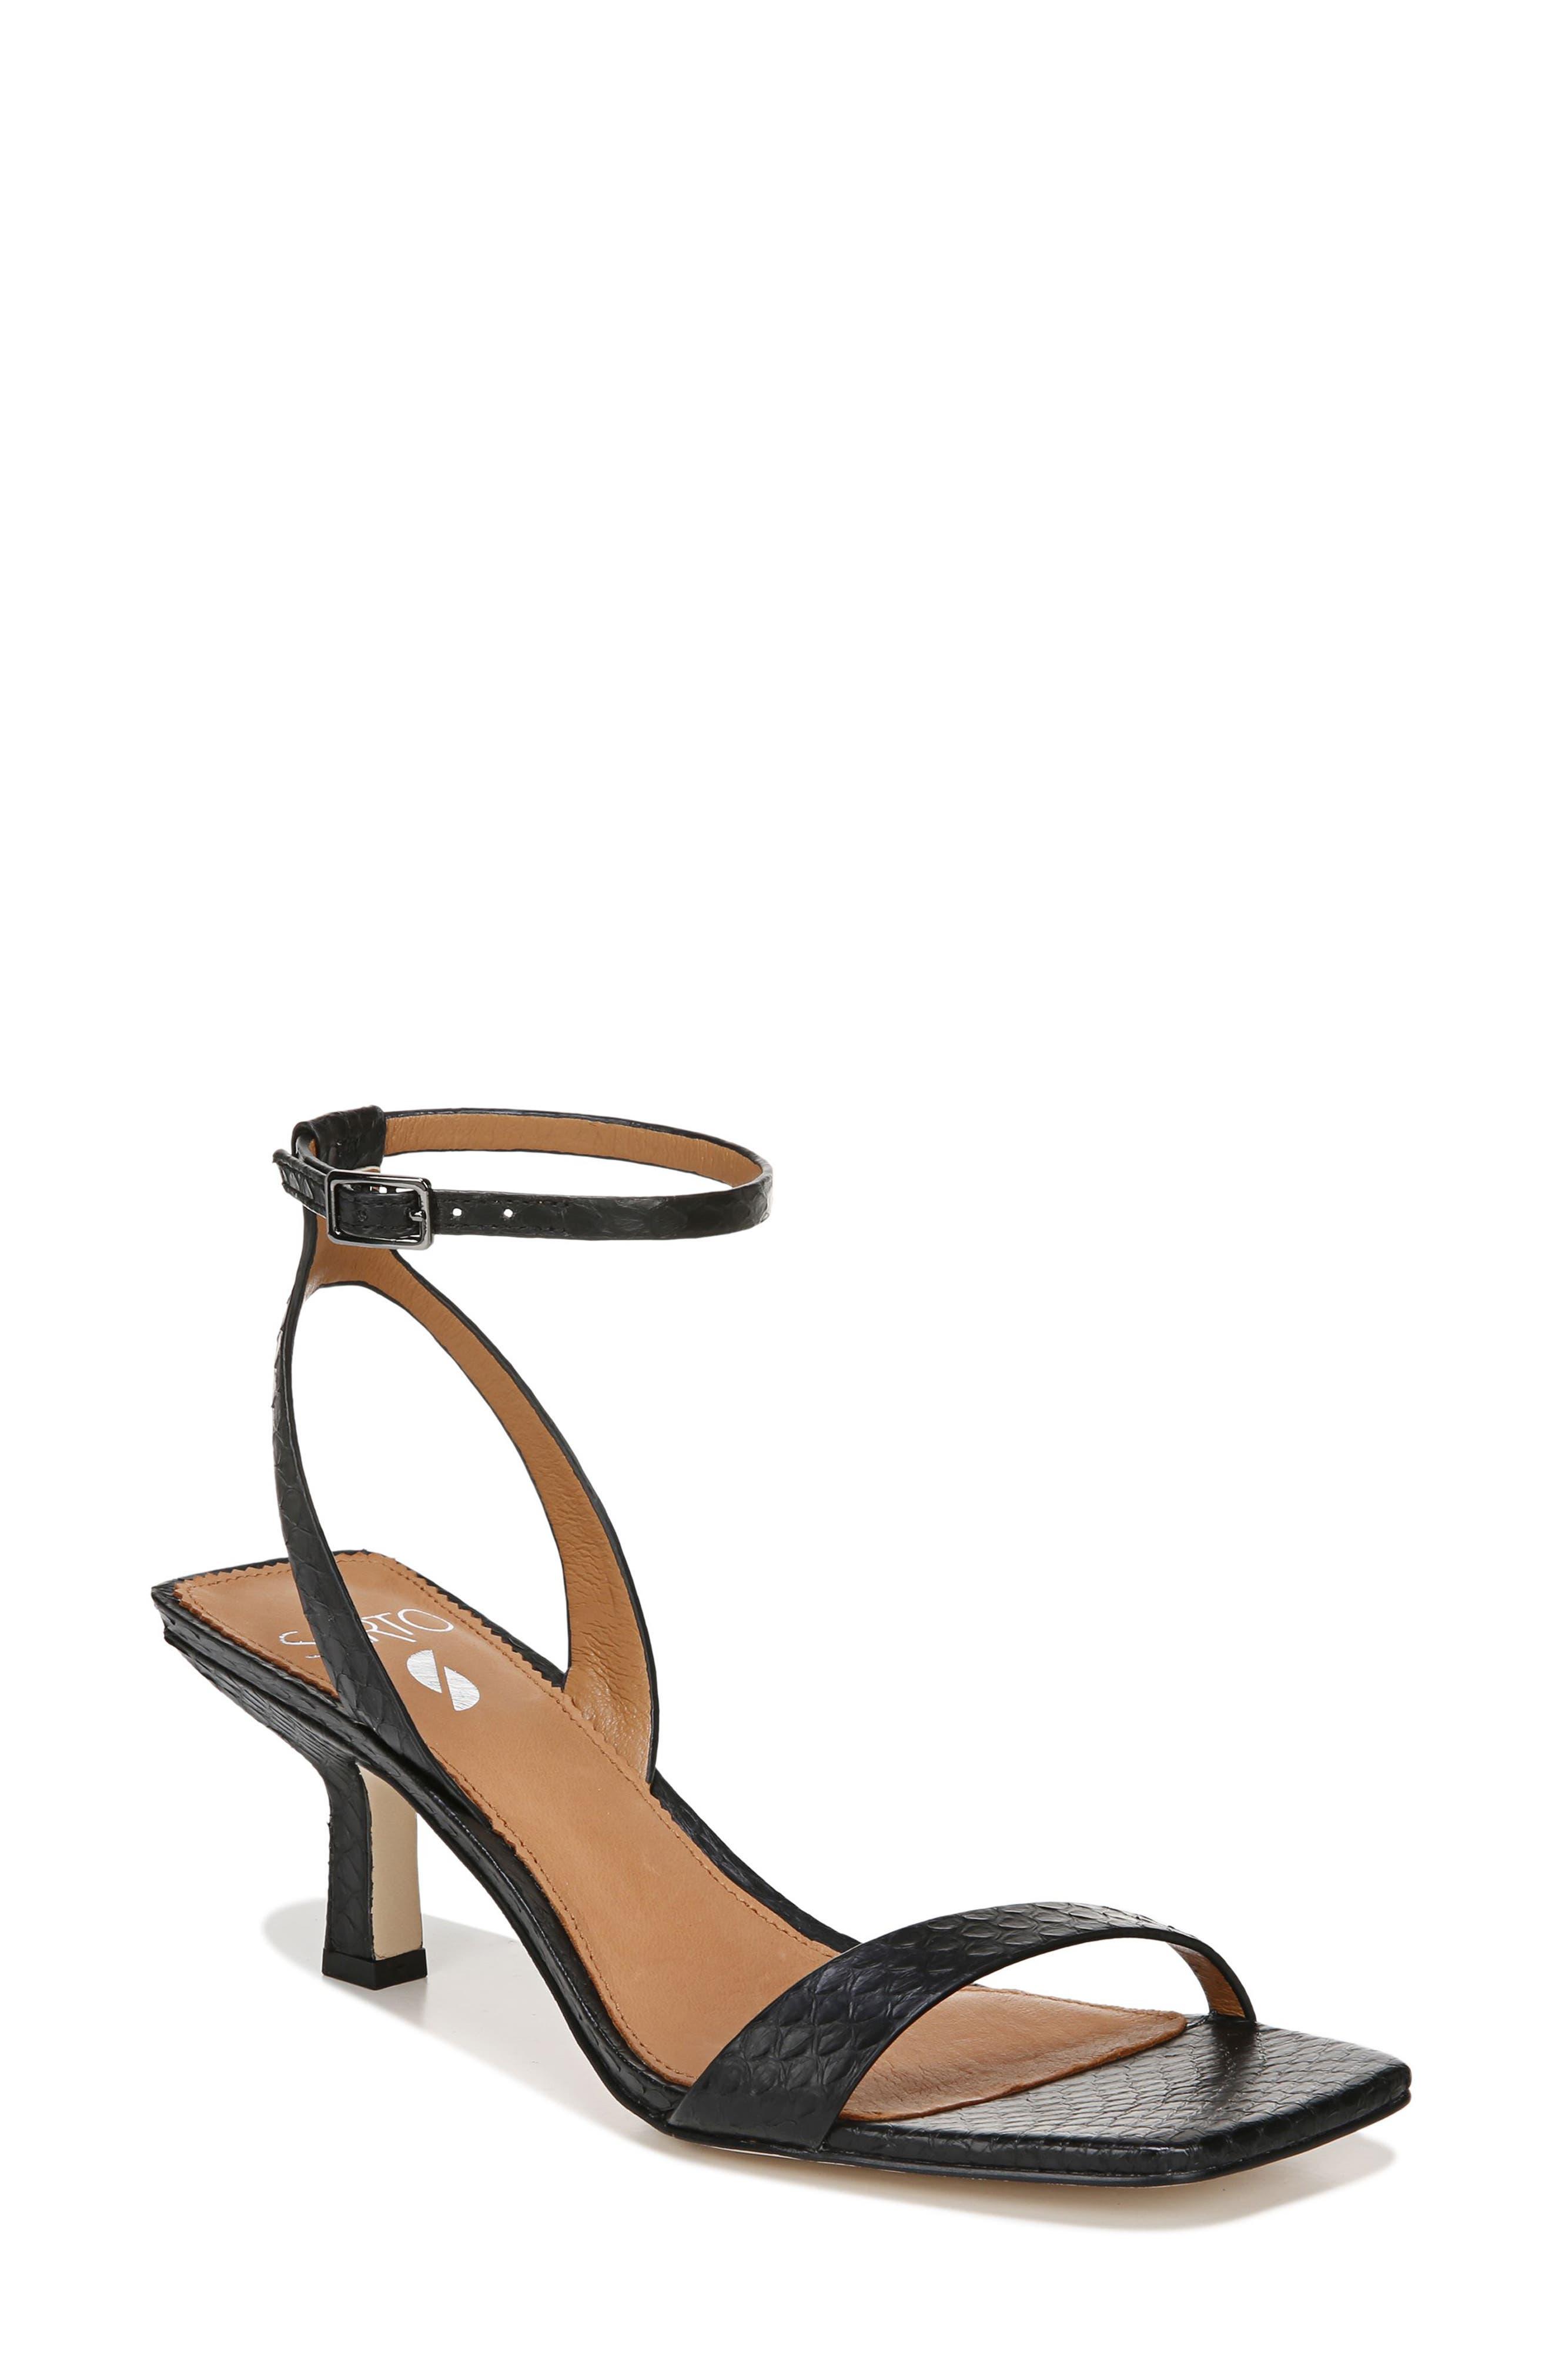 Image of SARTO BY FRANCO SARTO Bona Ankle Strap Sandal